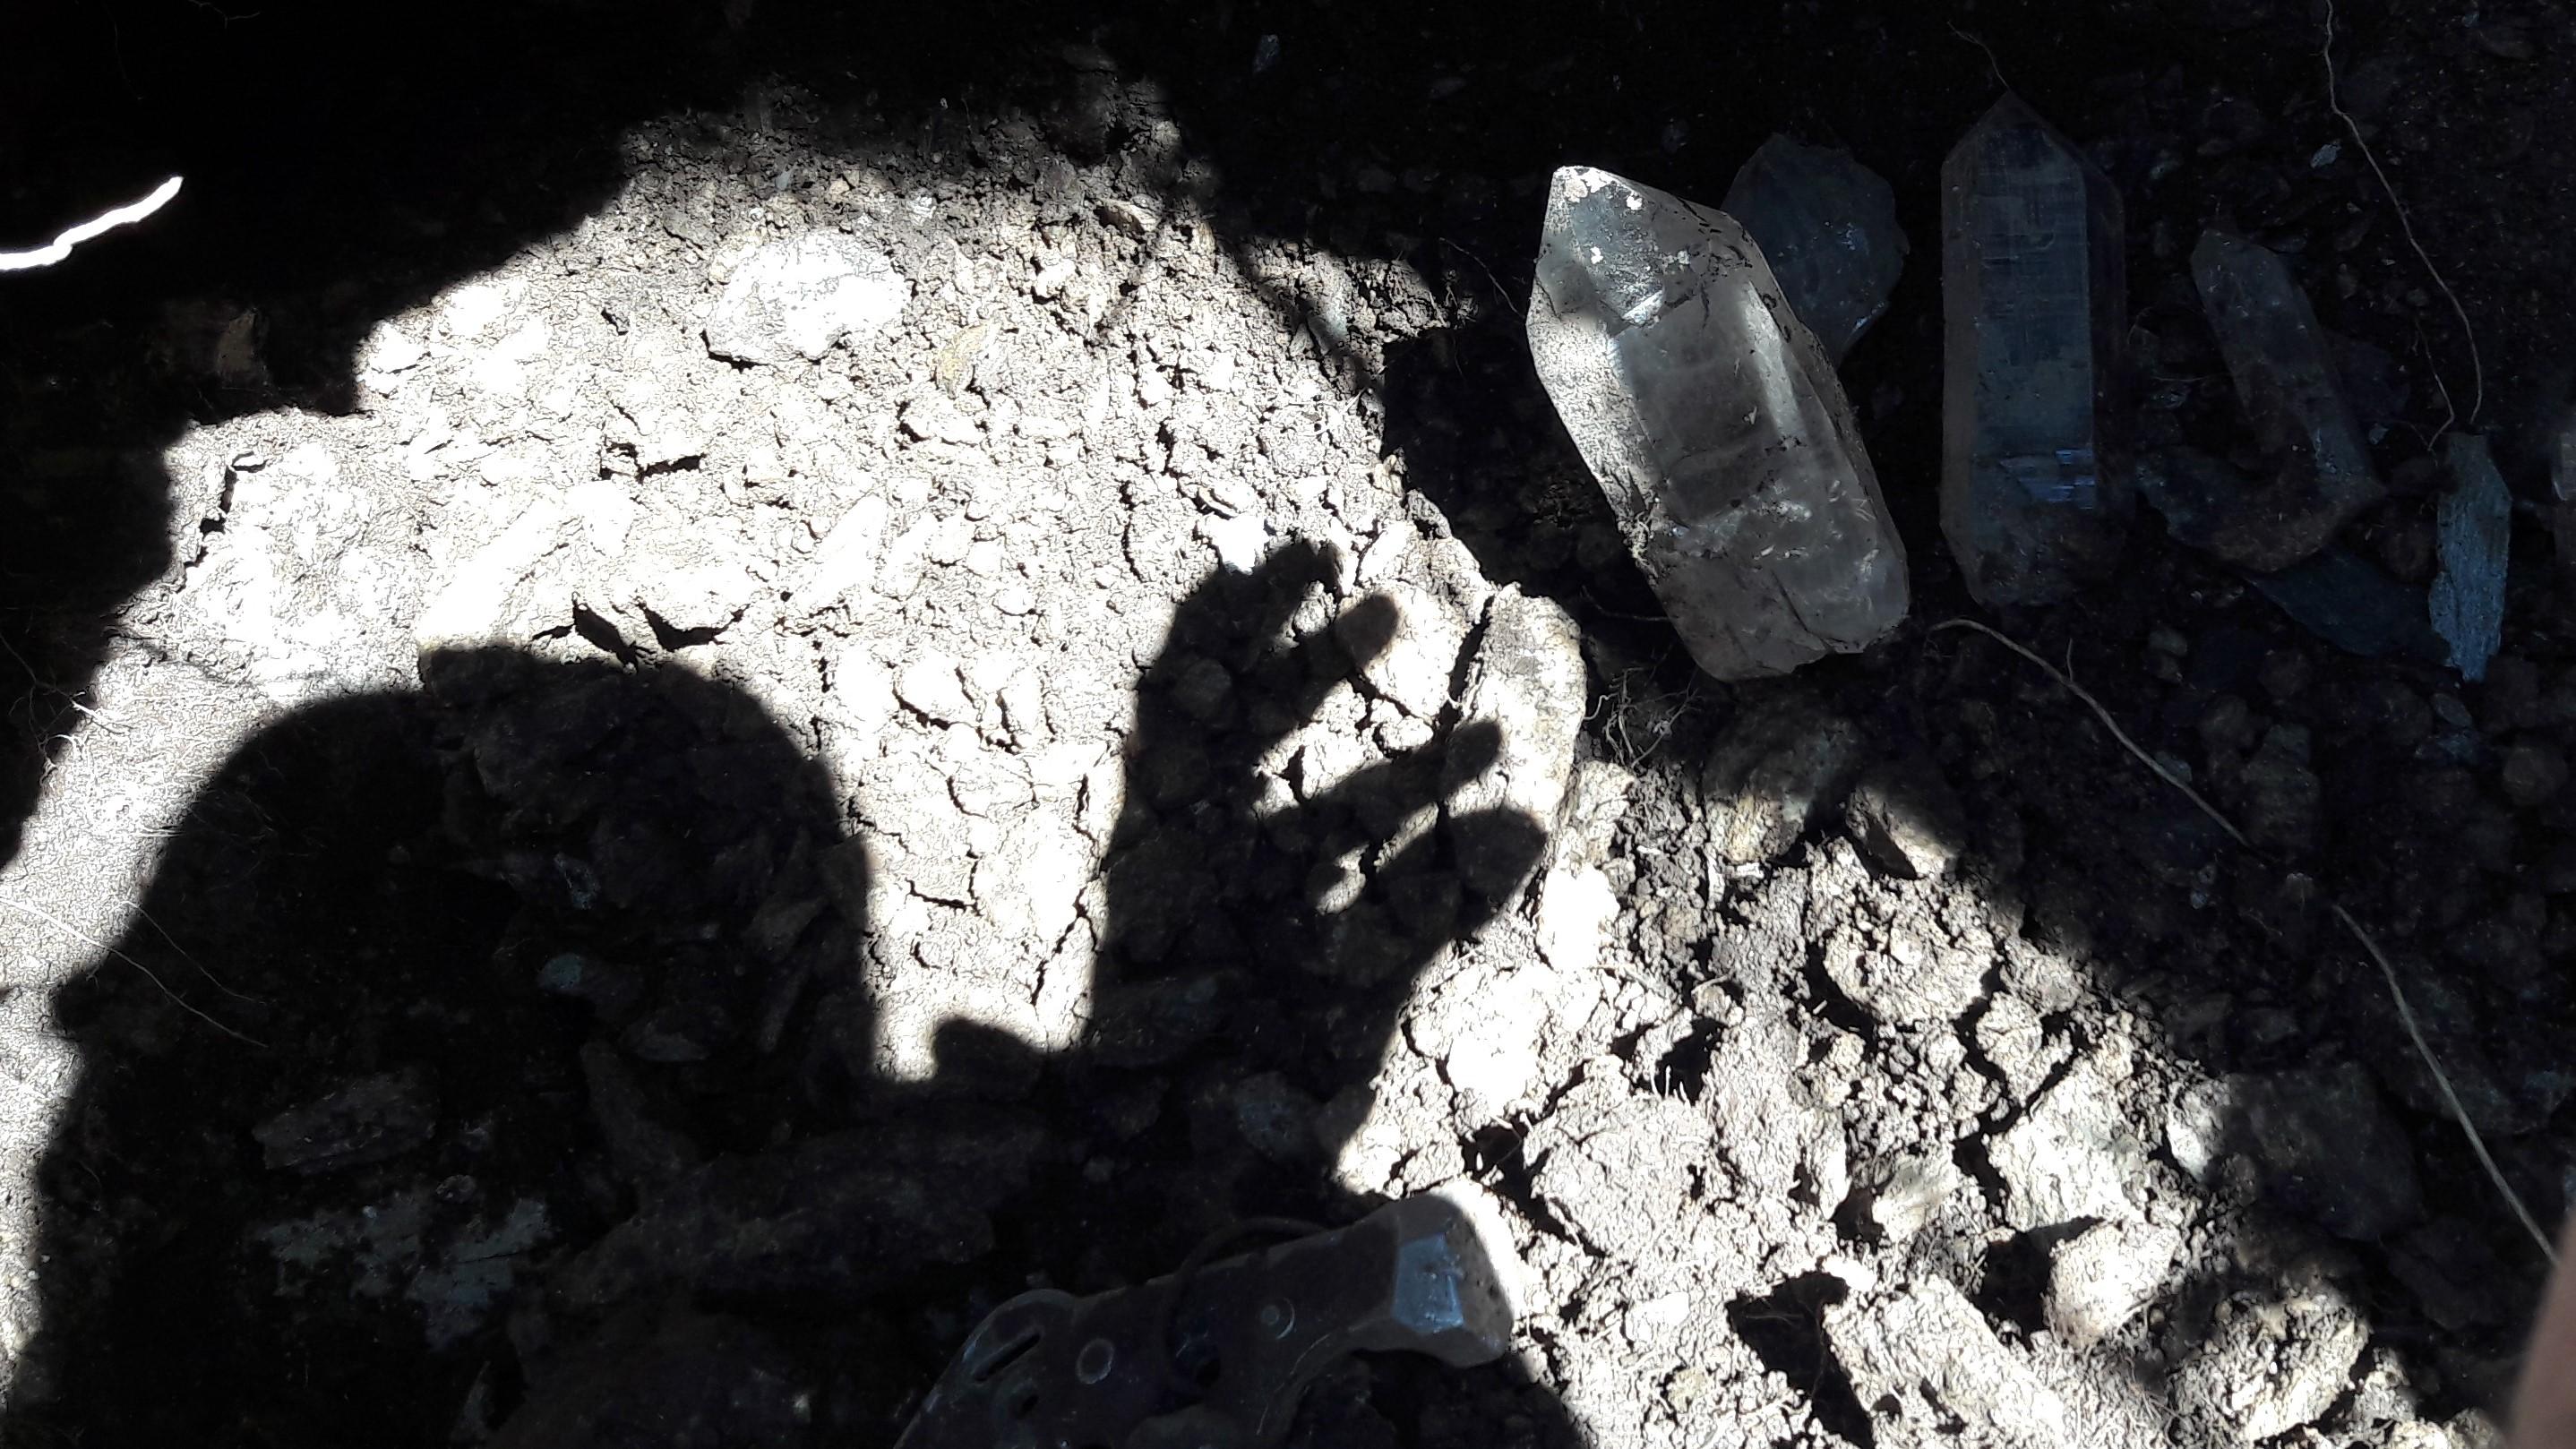 Kristalle Kristallkluft by Werner Schmidt